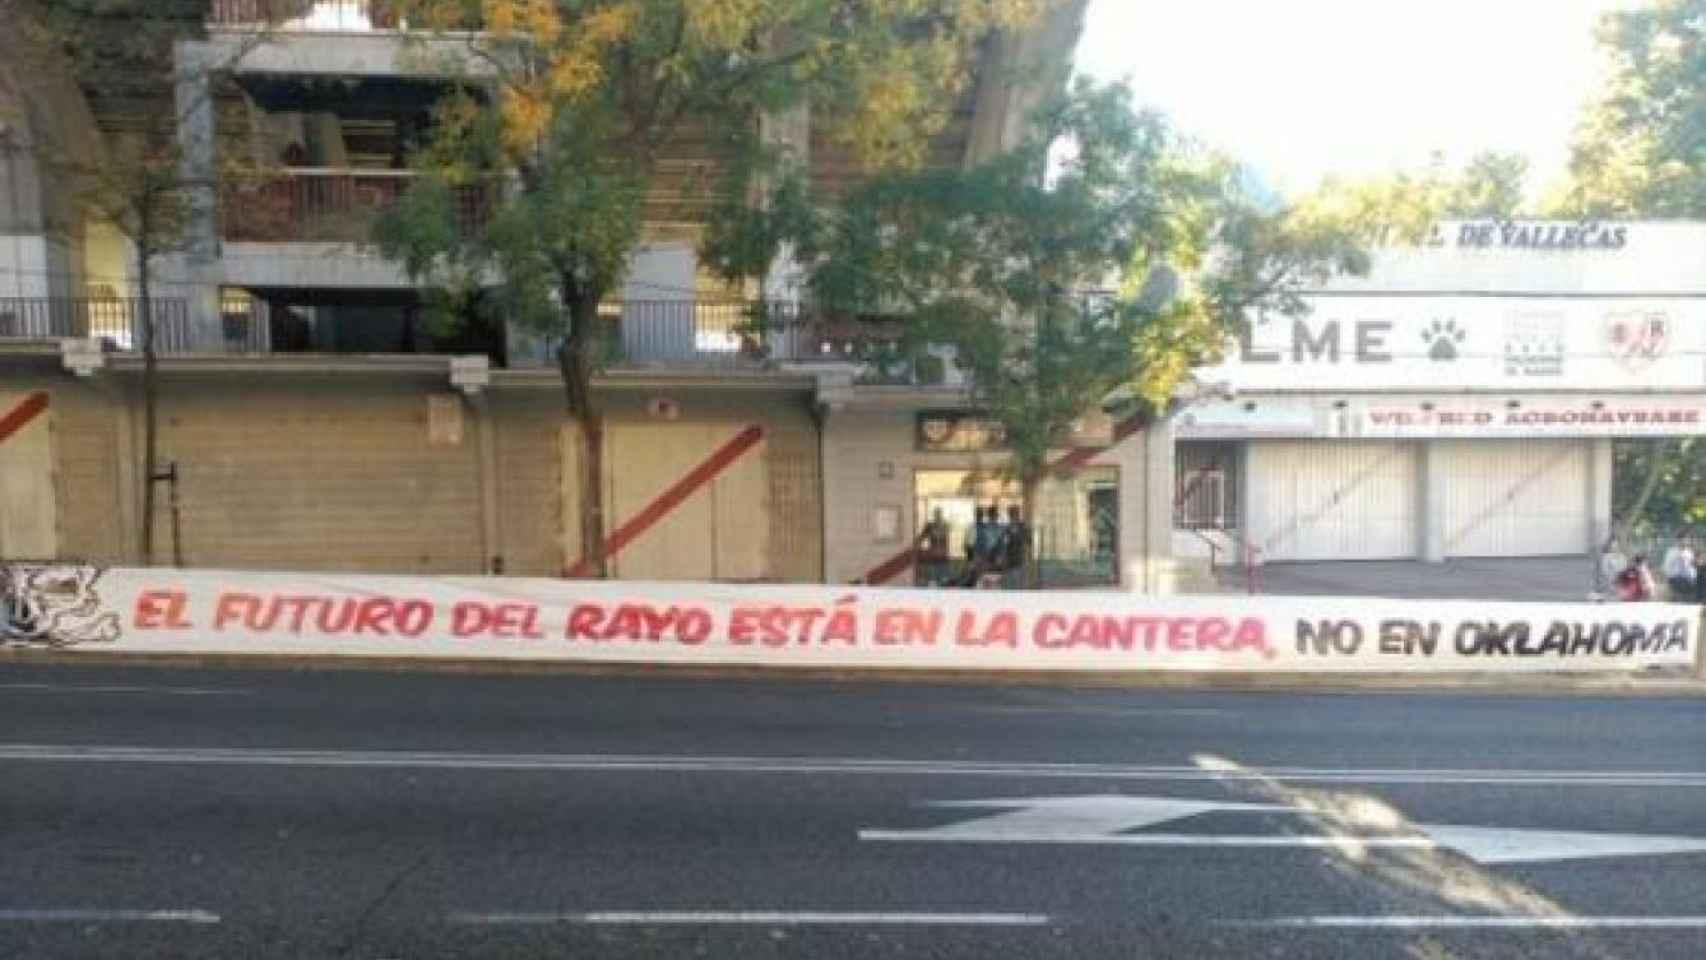 Protestas en Vallecas por la inversión en el Rayo OKC.